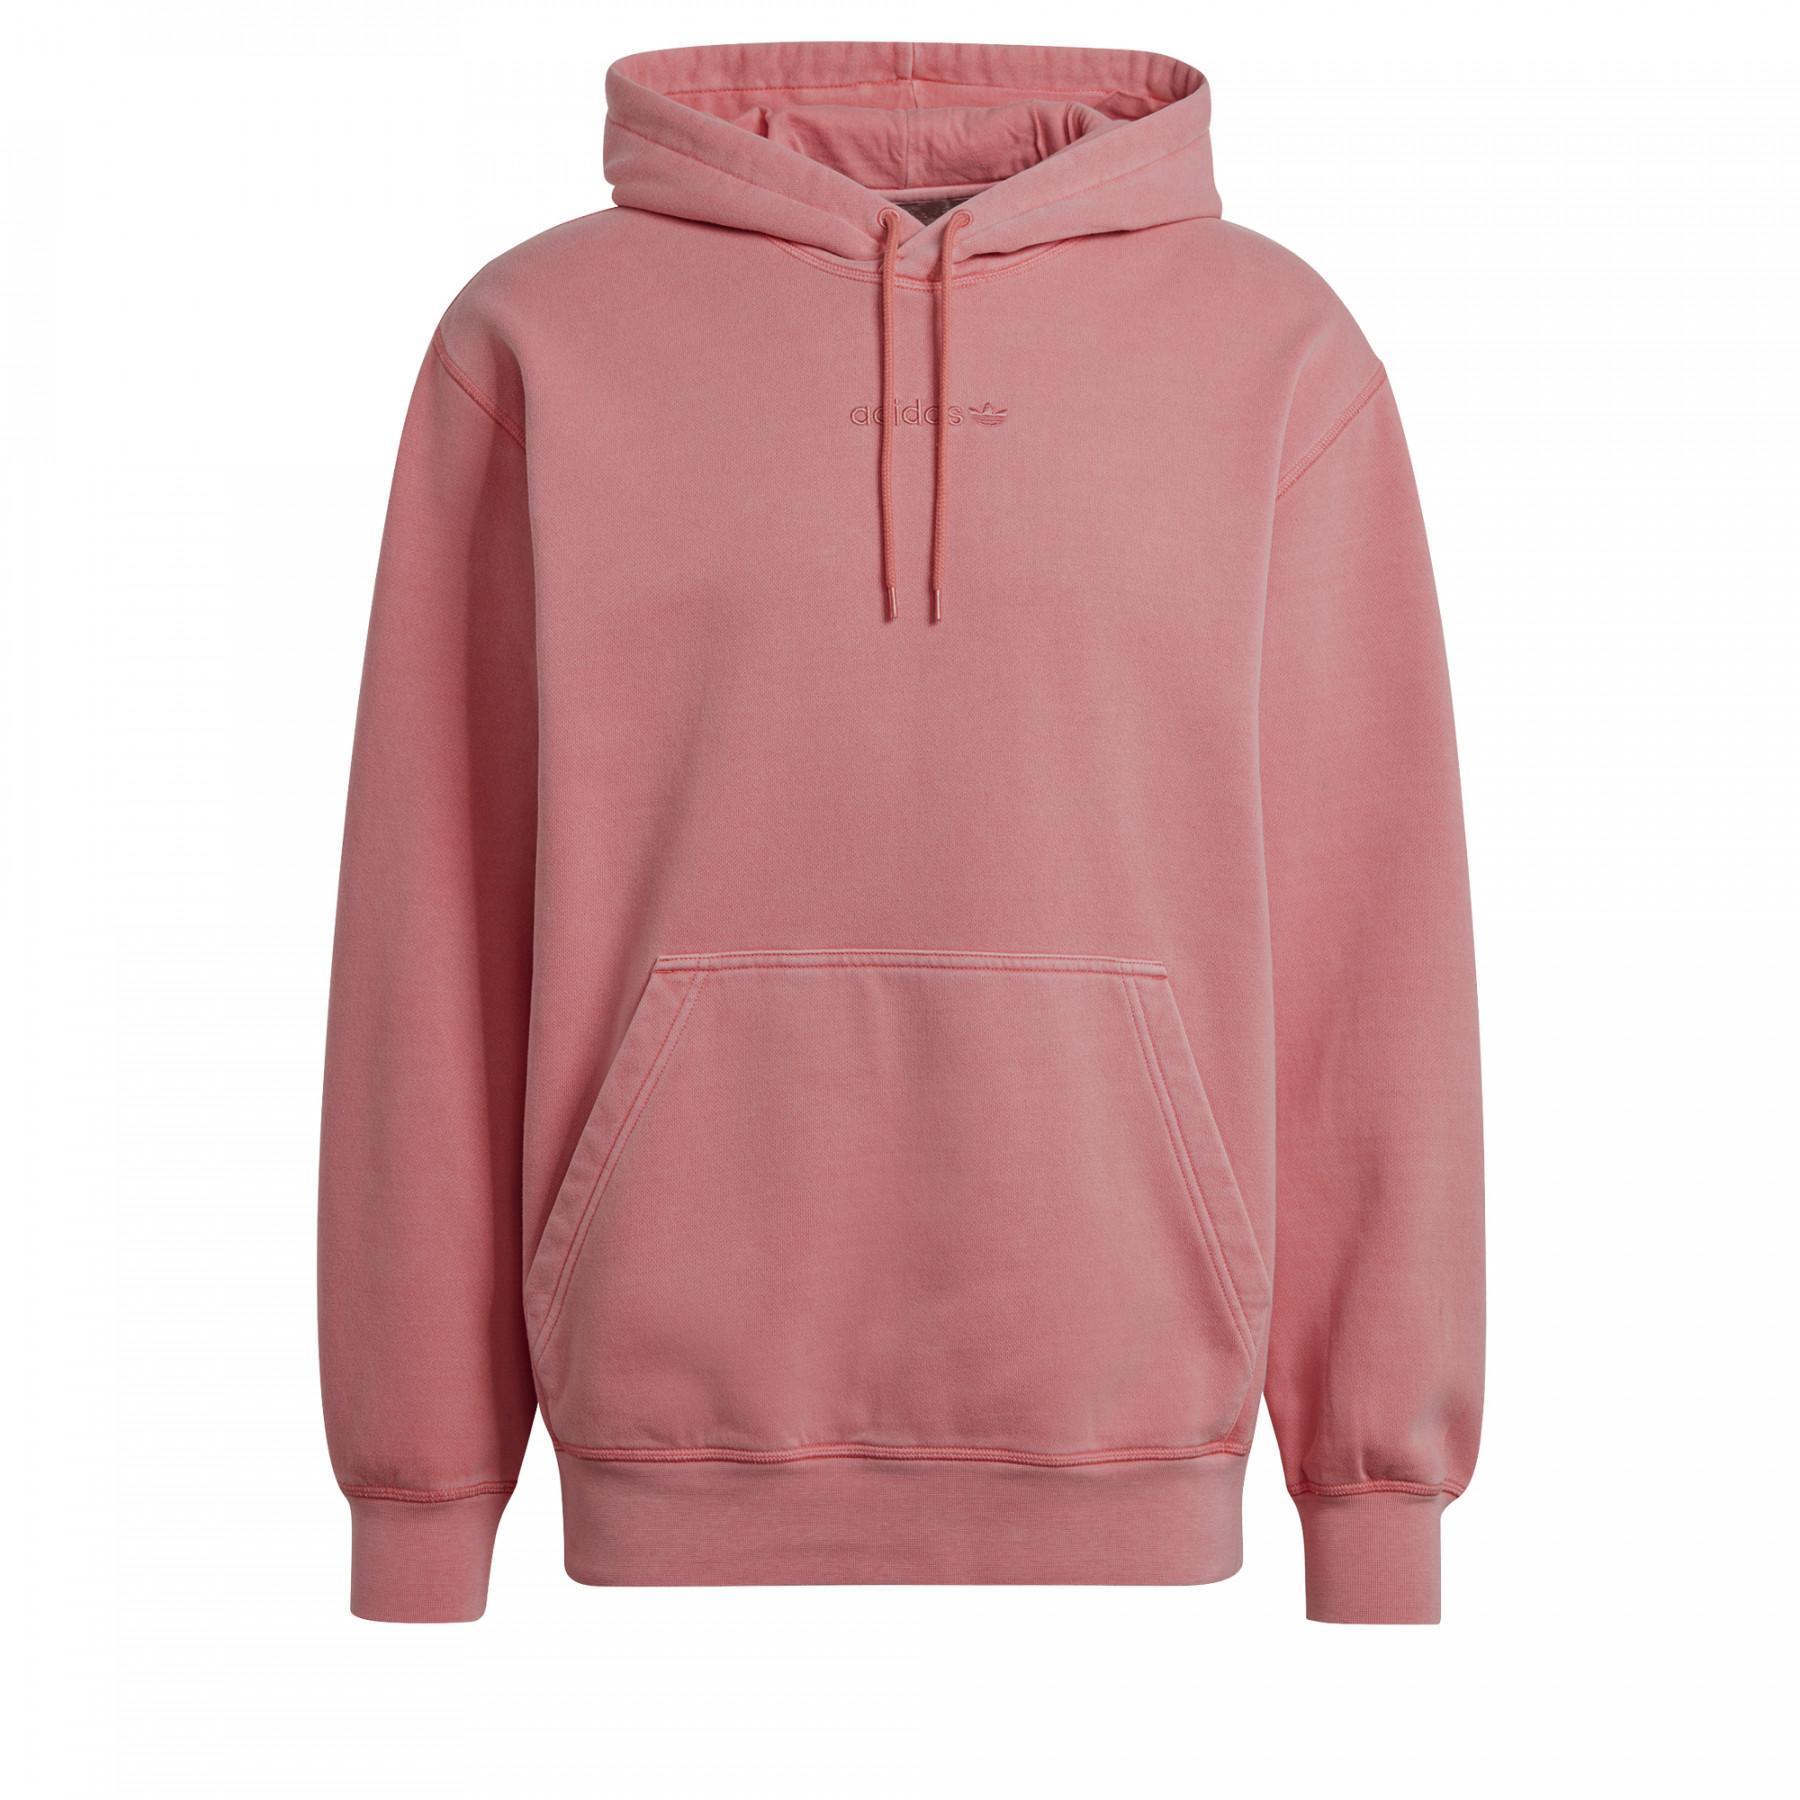 Hooded sweatshirt Adidas